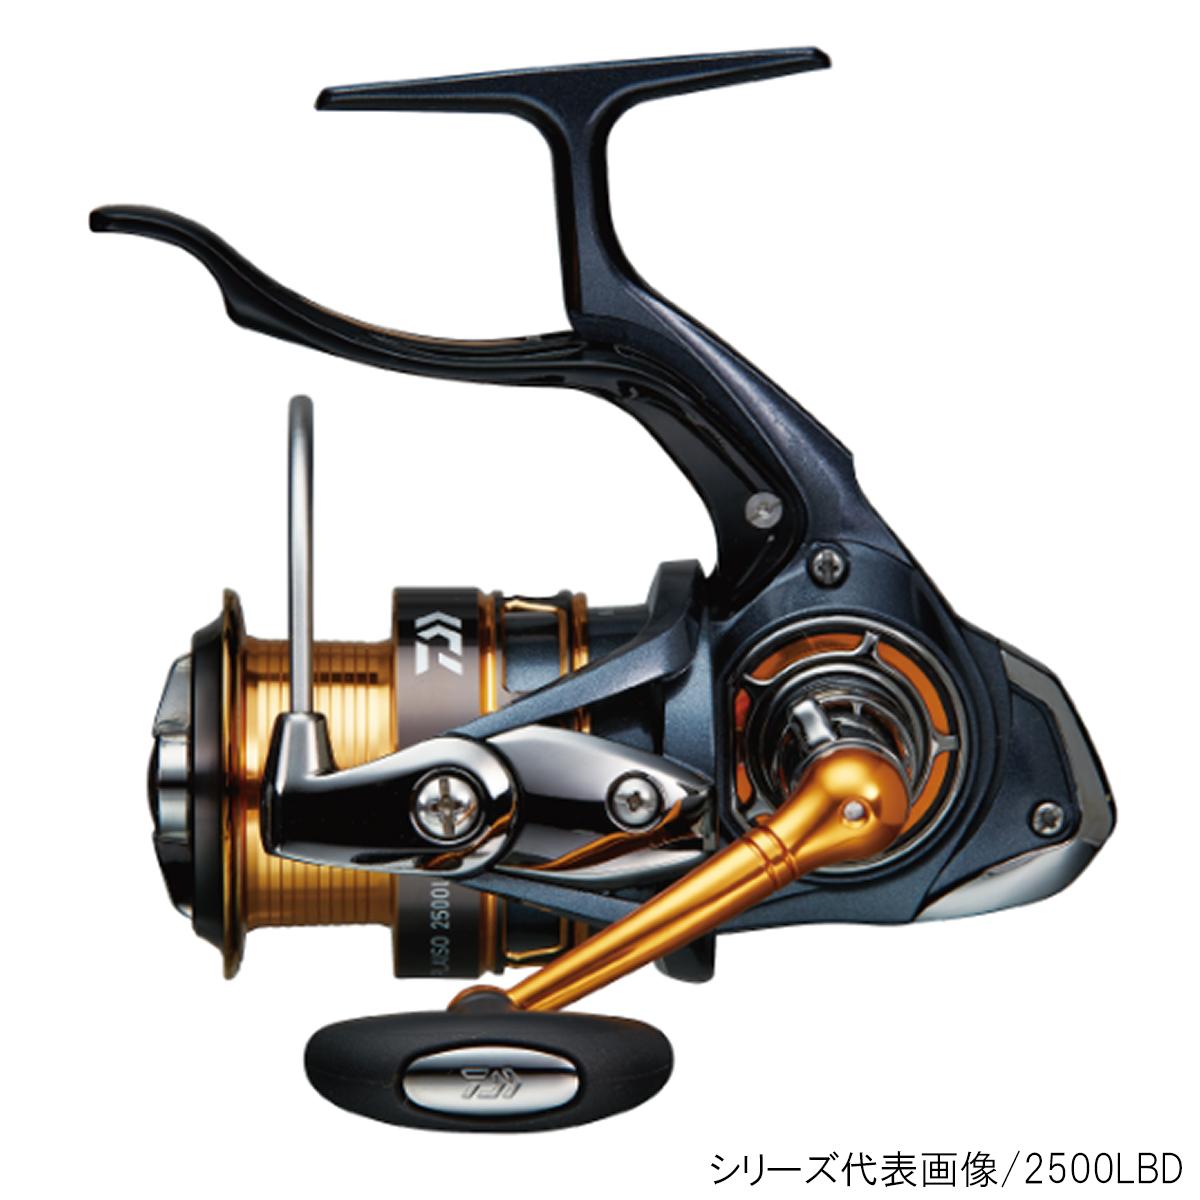 ダイワ プレイソ 3000H-LBD(東日本店)